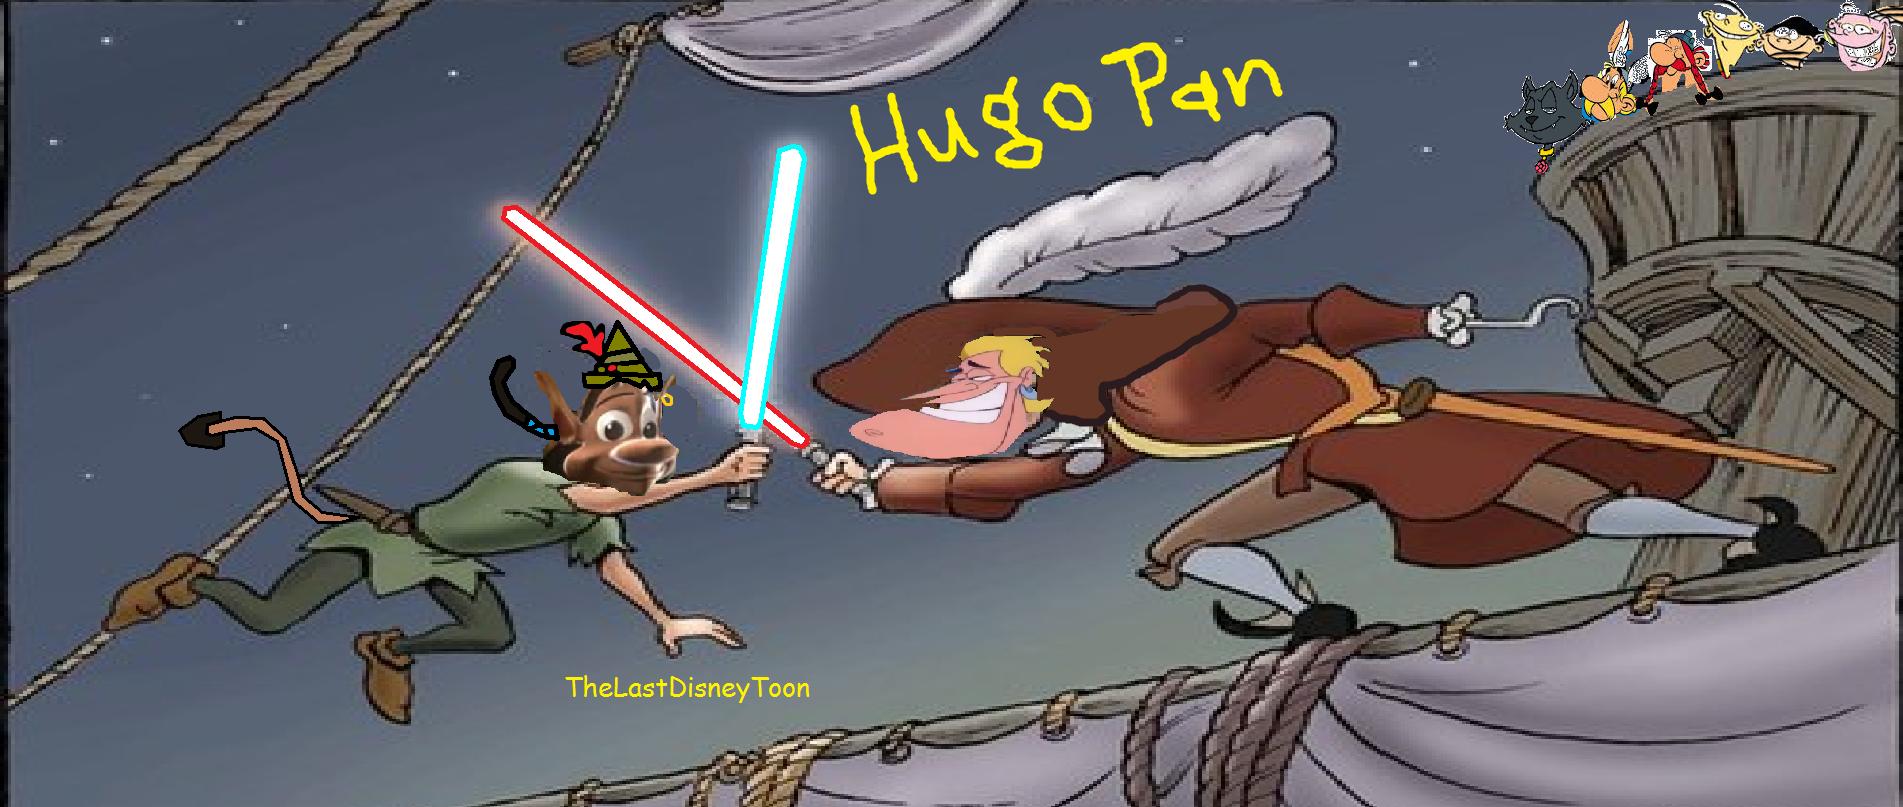 Hugo Pan